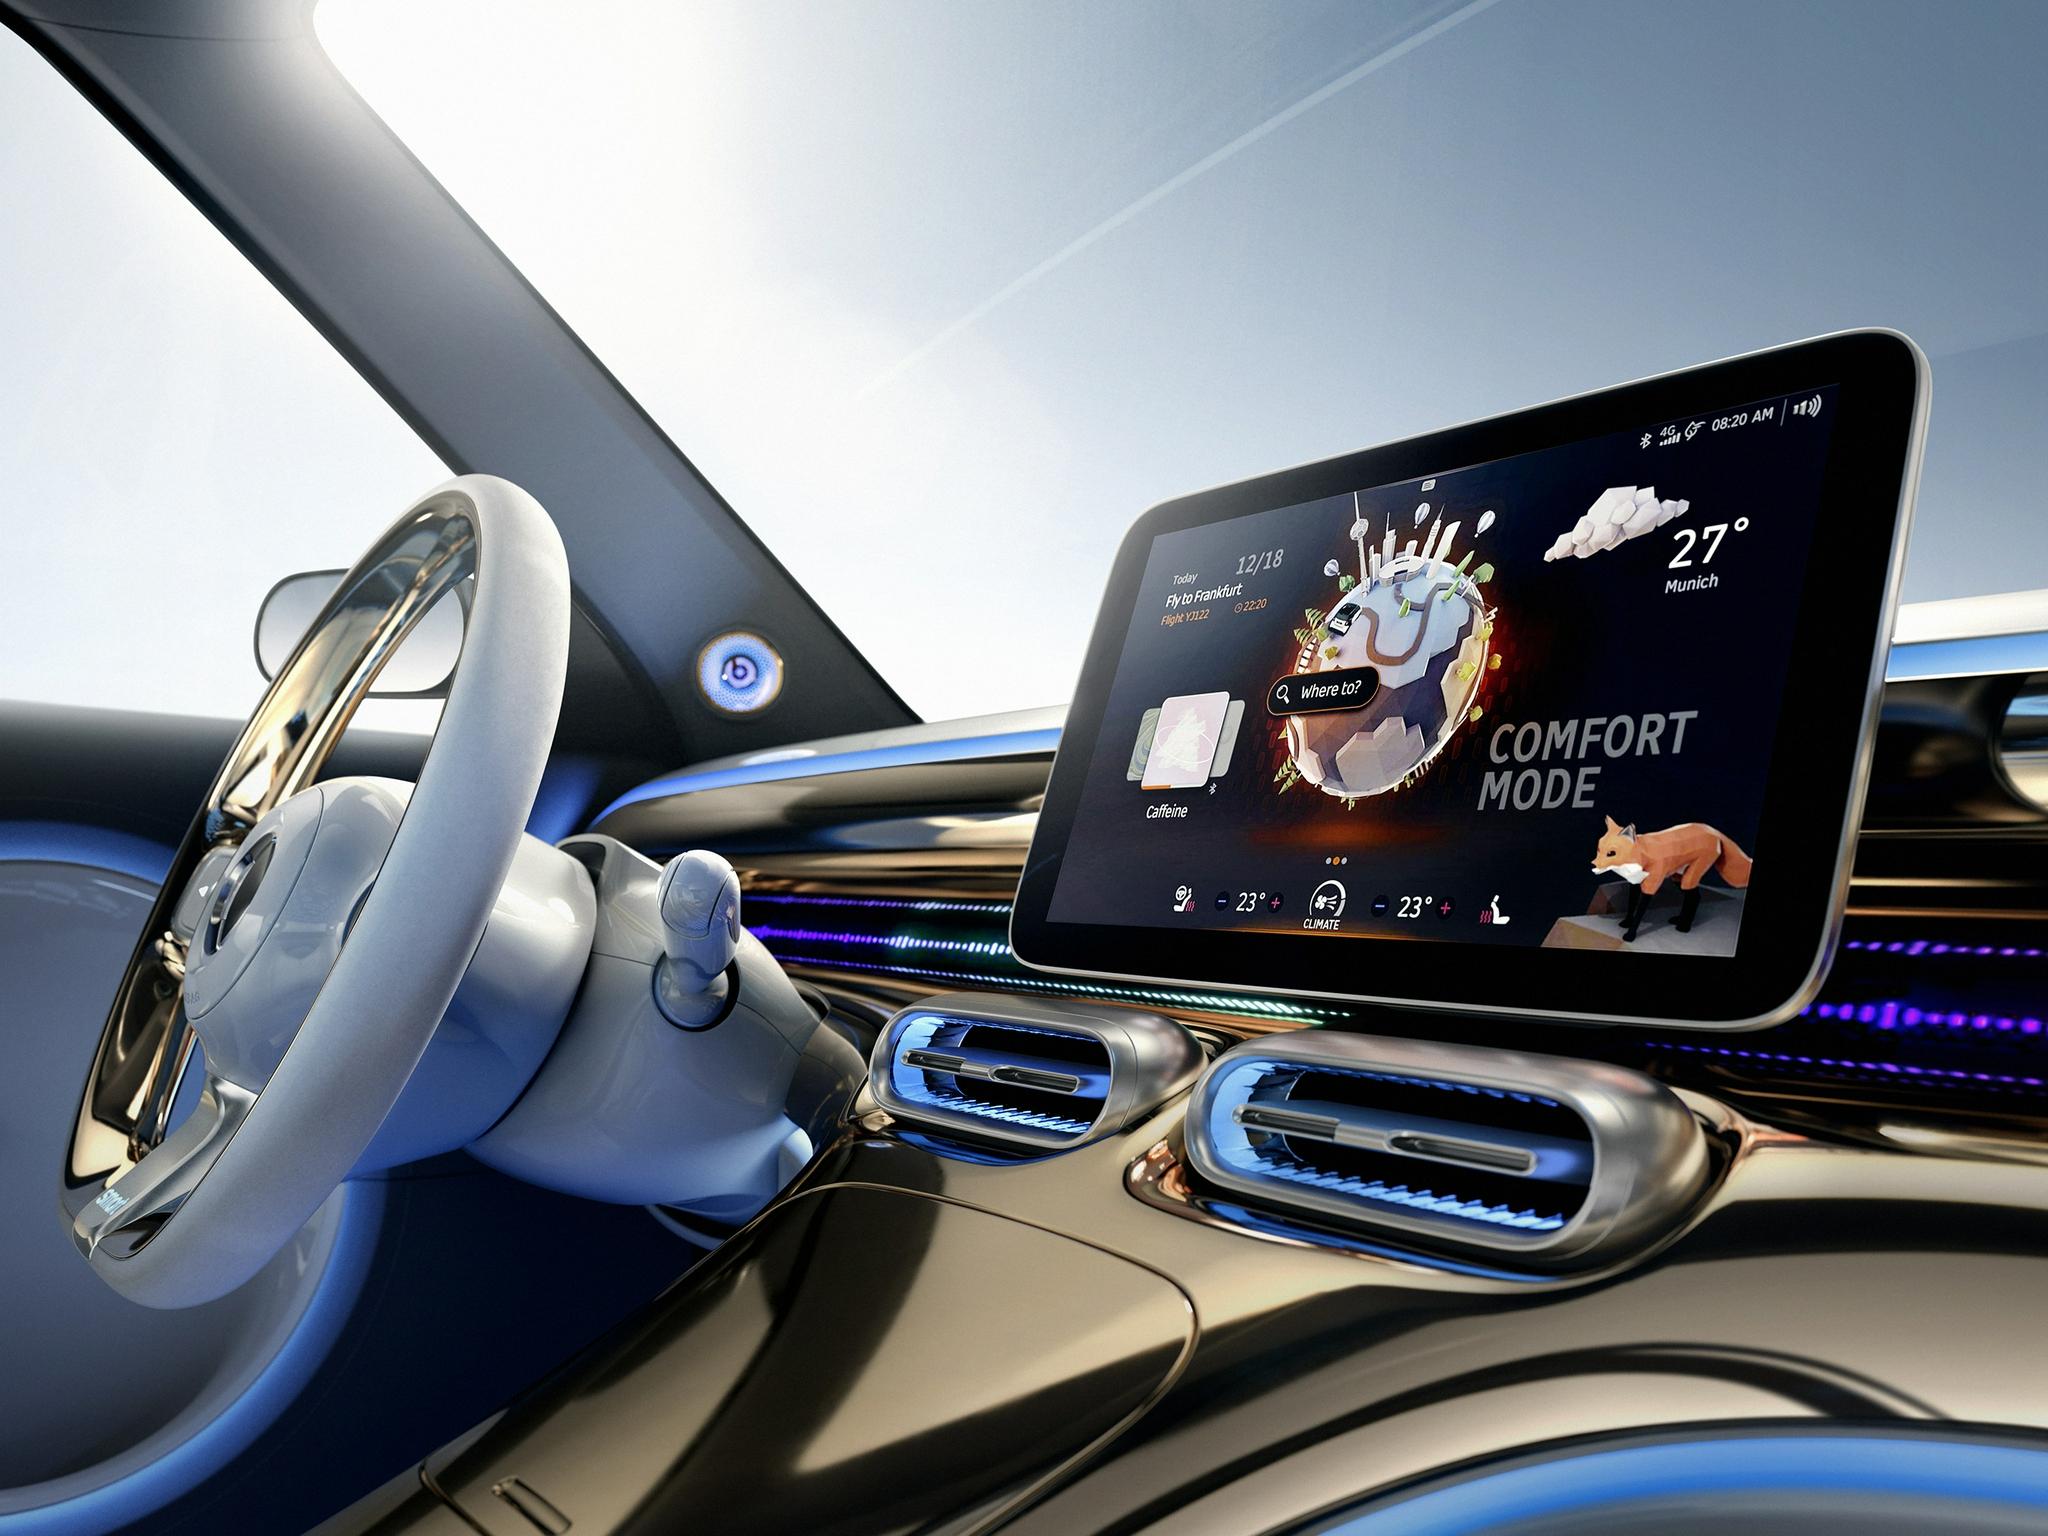 2021慕尼黑车展:全新smart精灵#1观念车全球首秀